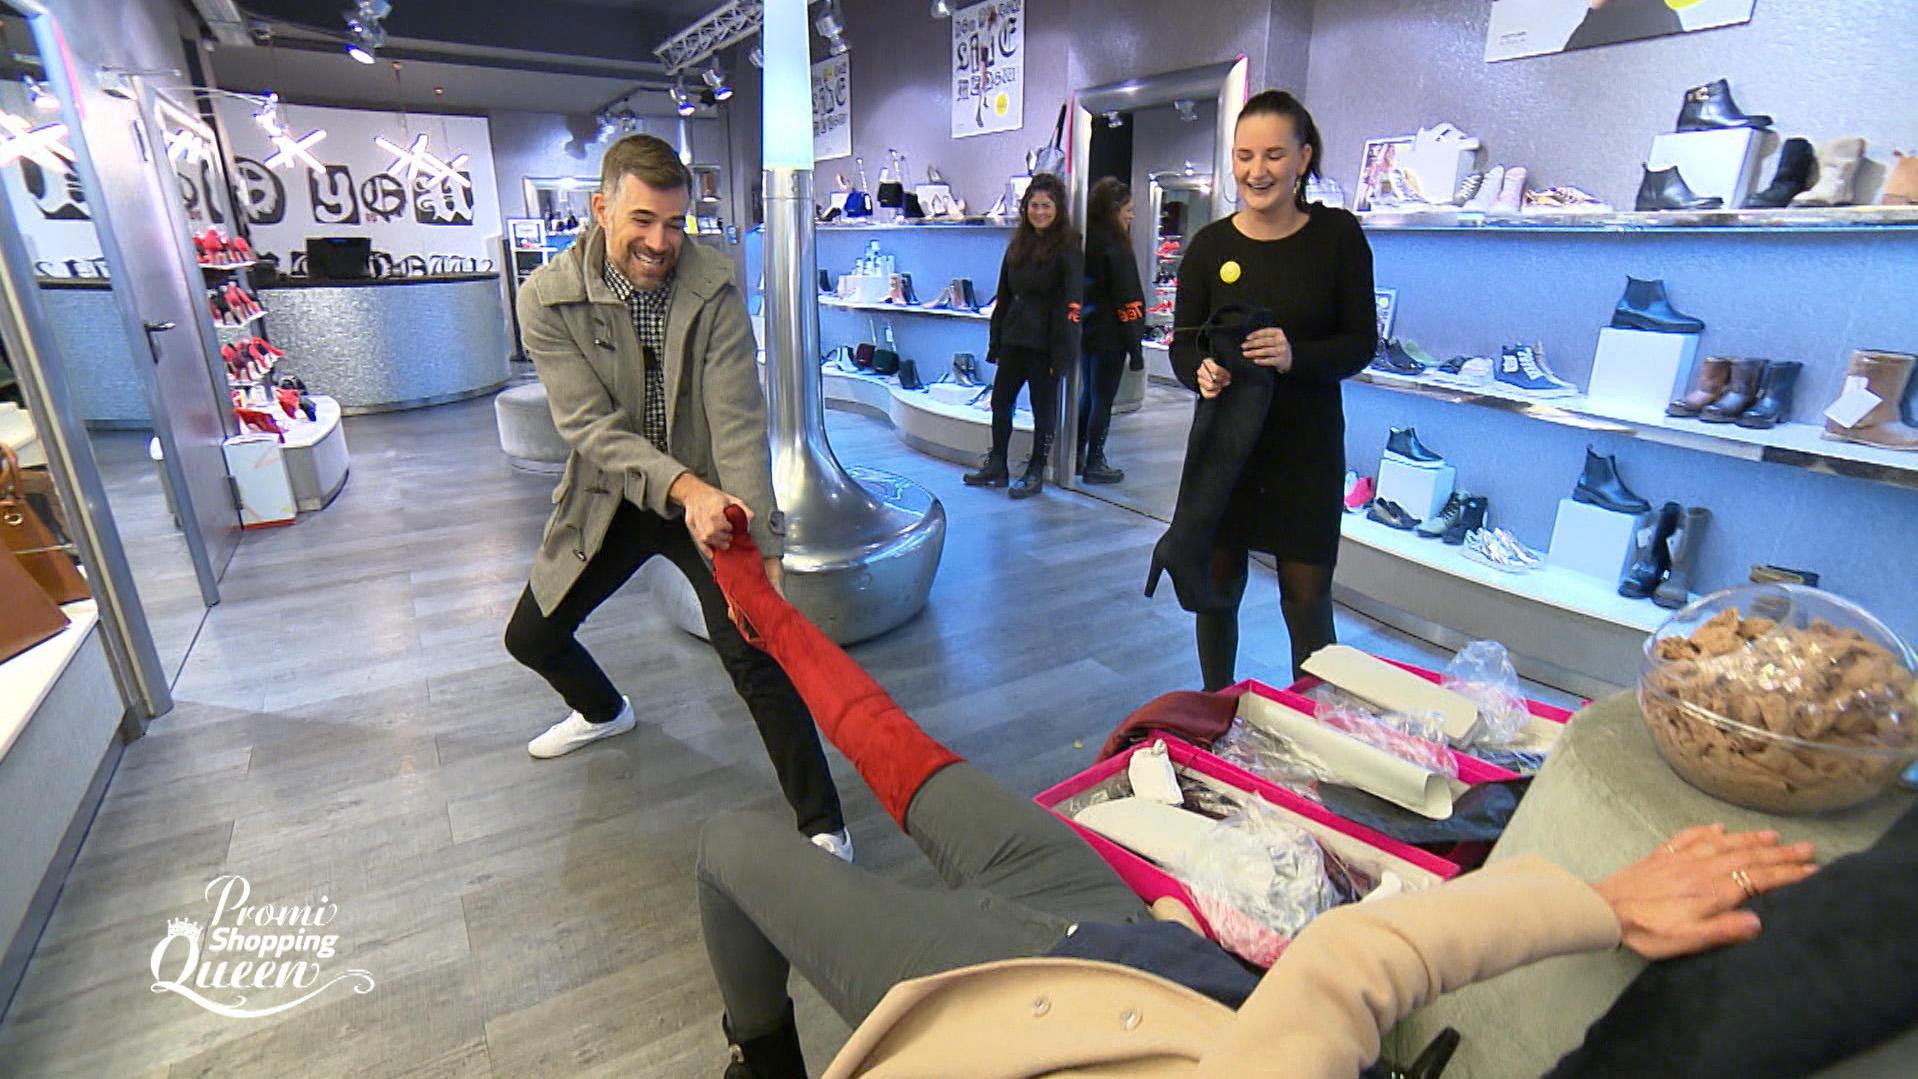 Promi Shopping Queen Die Promis Nehmen Das Crazy Motto